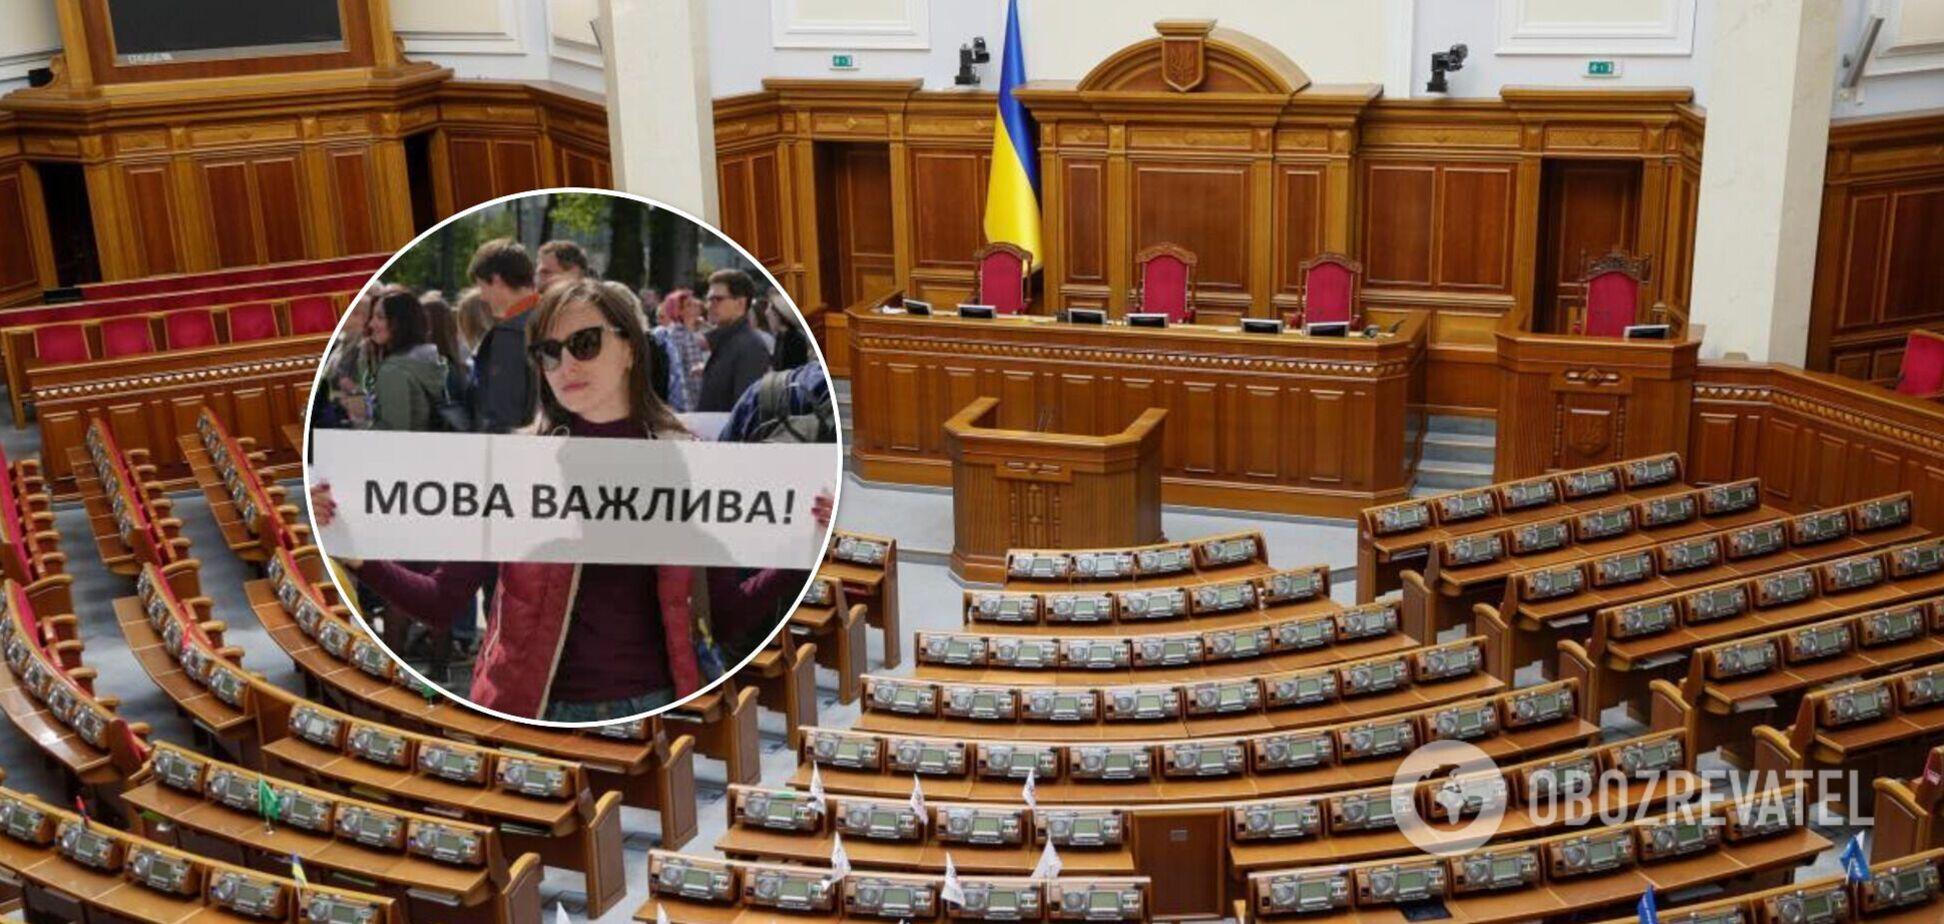 У Раді запропонували карати штрафом або в'язницею за наругу над українською мовою. Документ